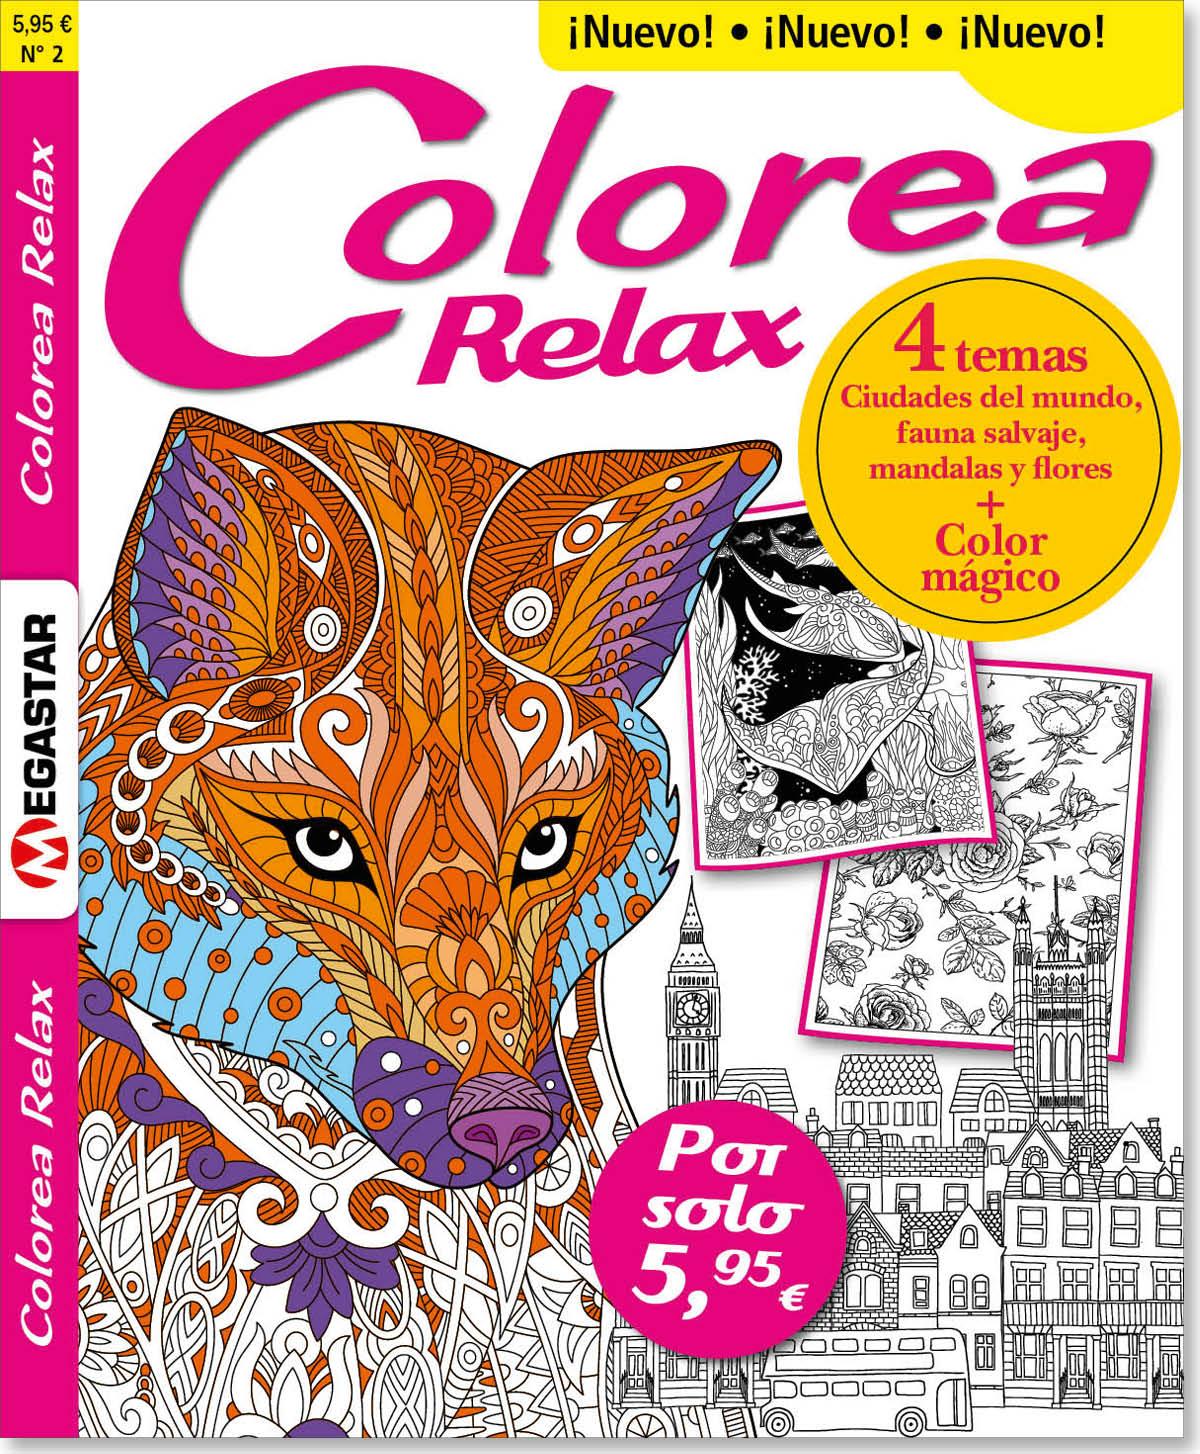 COLOREA RELAX